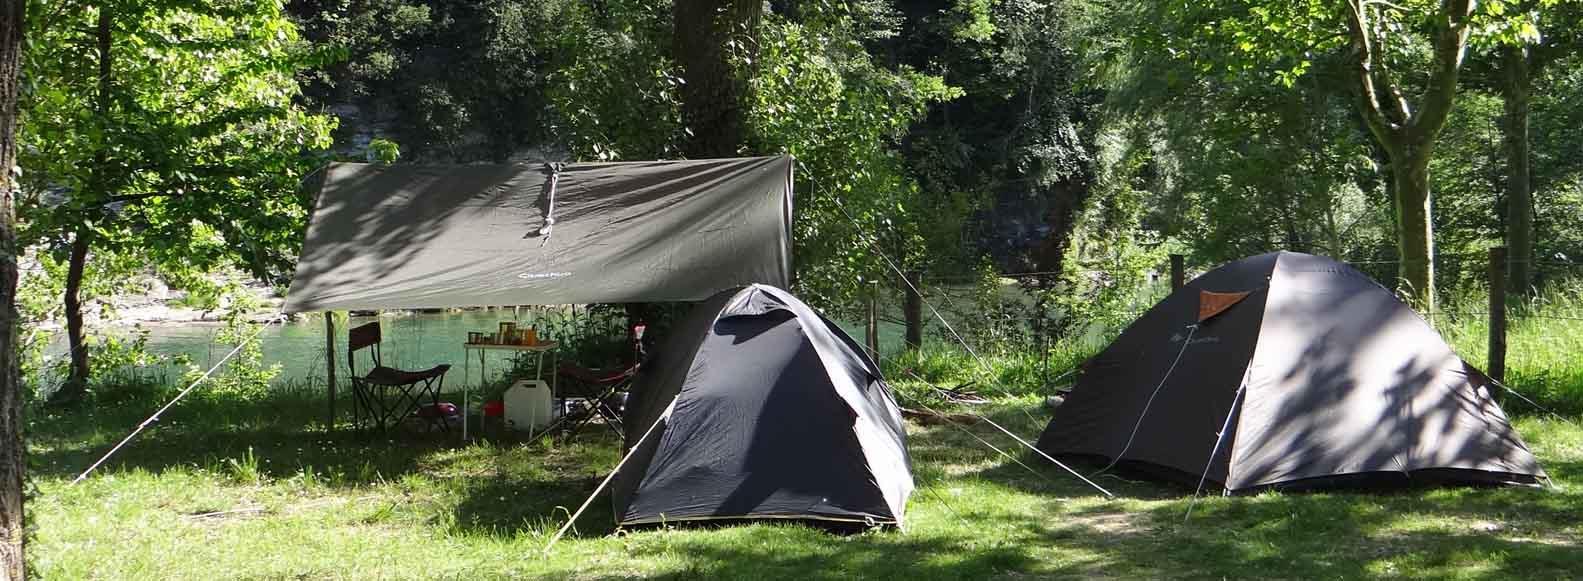 Emplacement camping, spacieux et ombragé, 2 personnes, voiture.